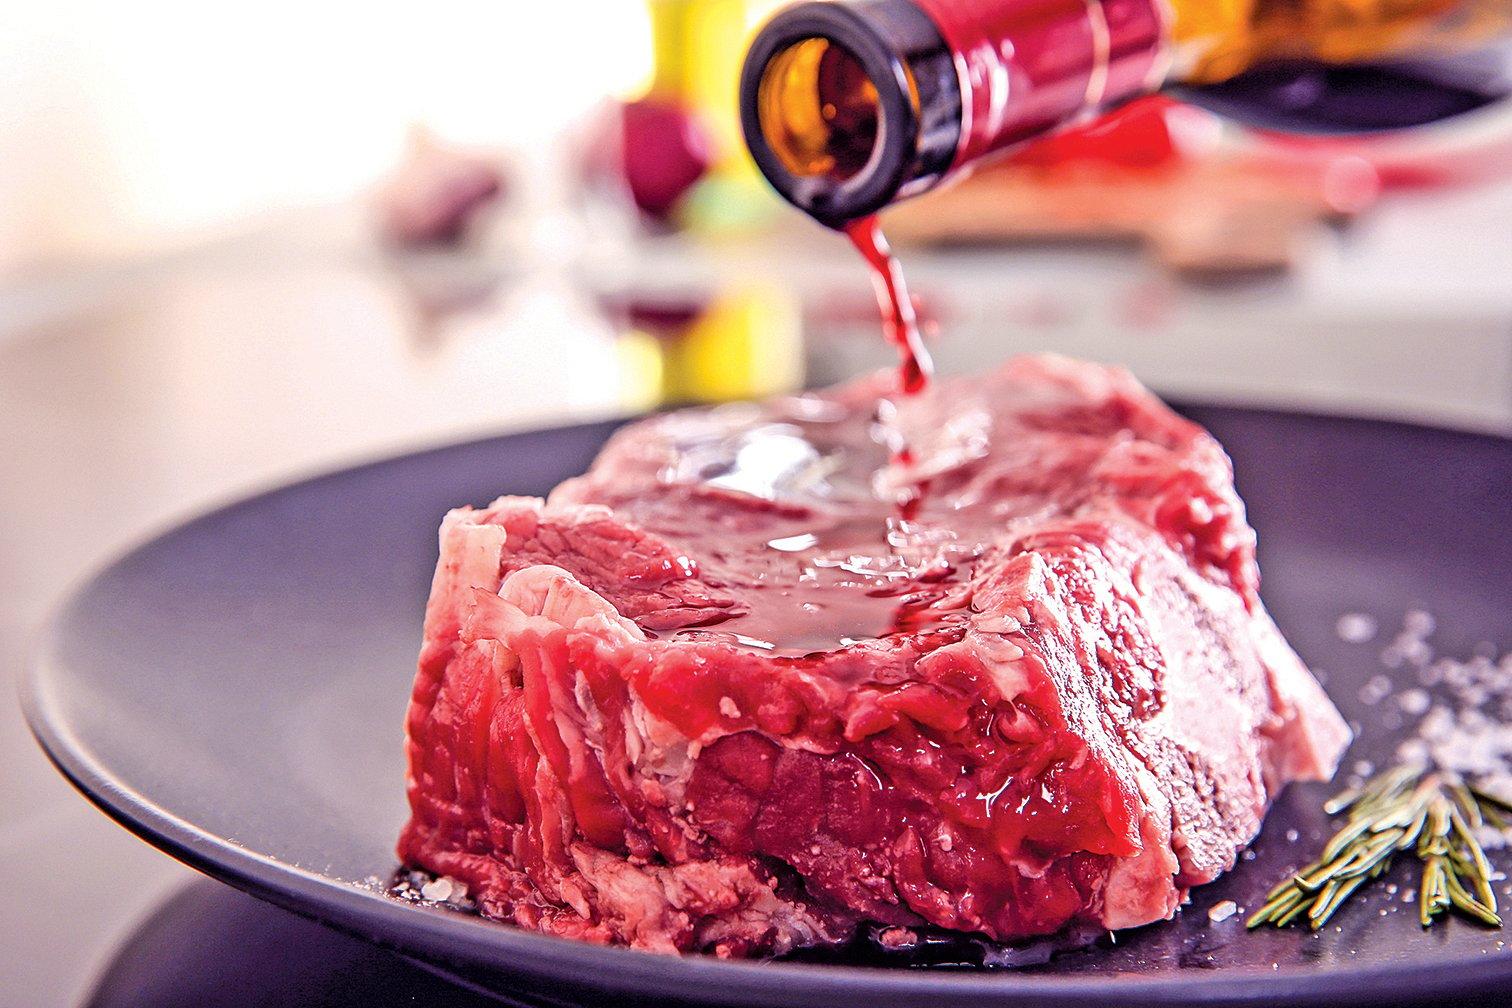 肉可以用紅酒醃過再烹調。